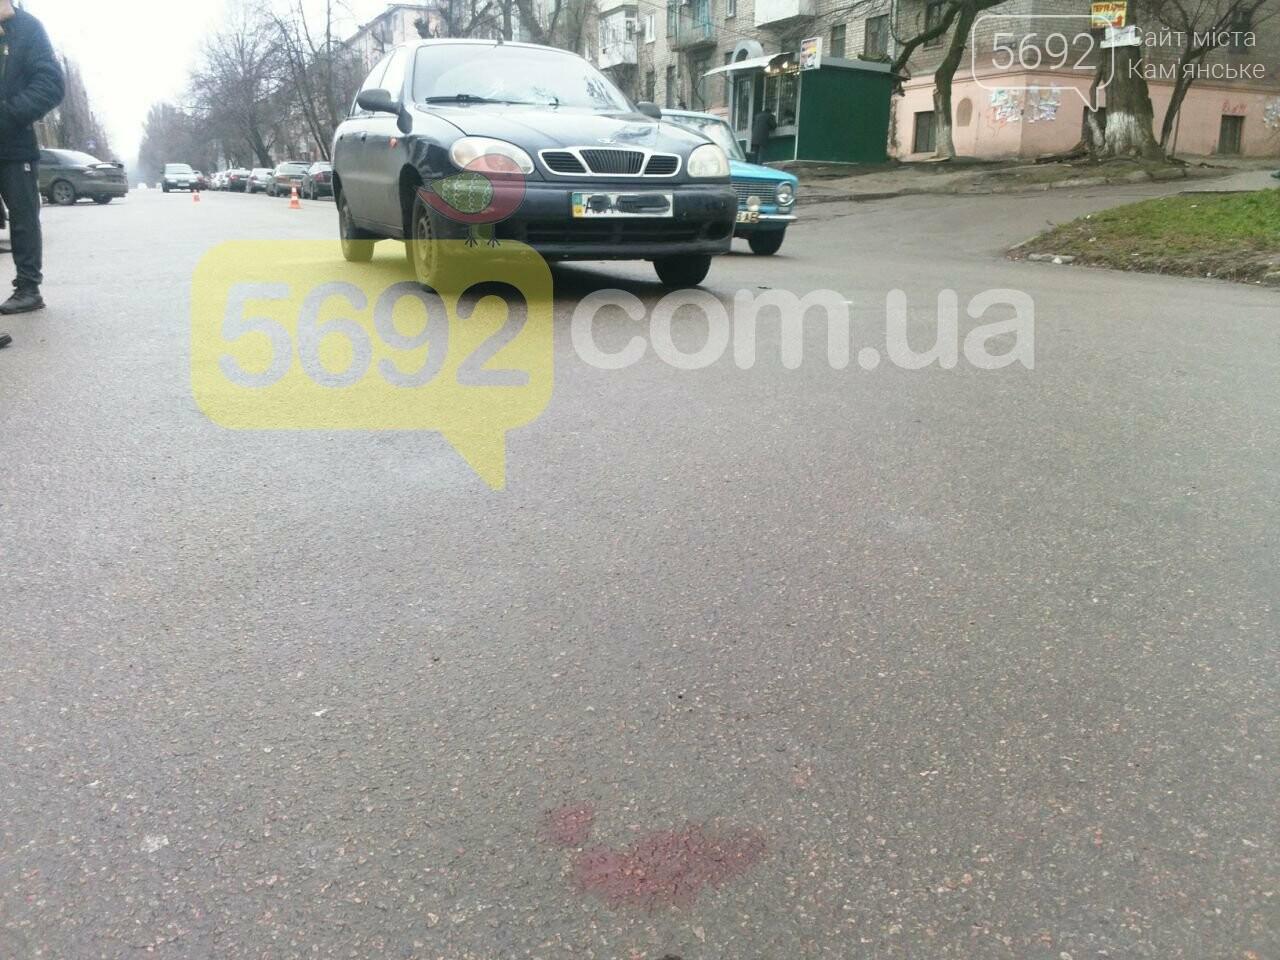 В Каменском таксист сбил пешехода, фото-3